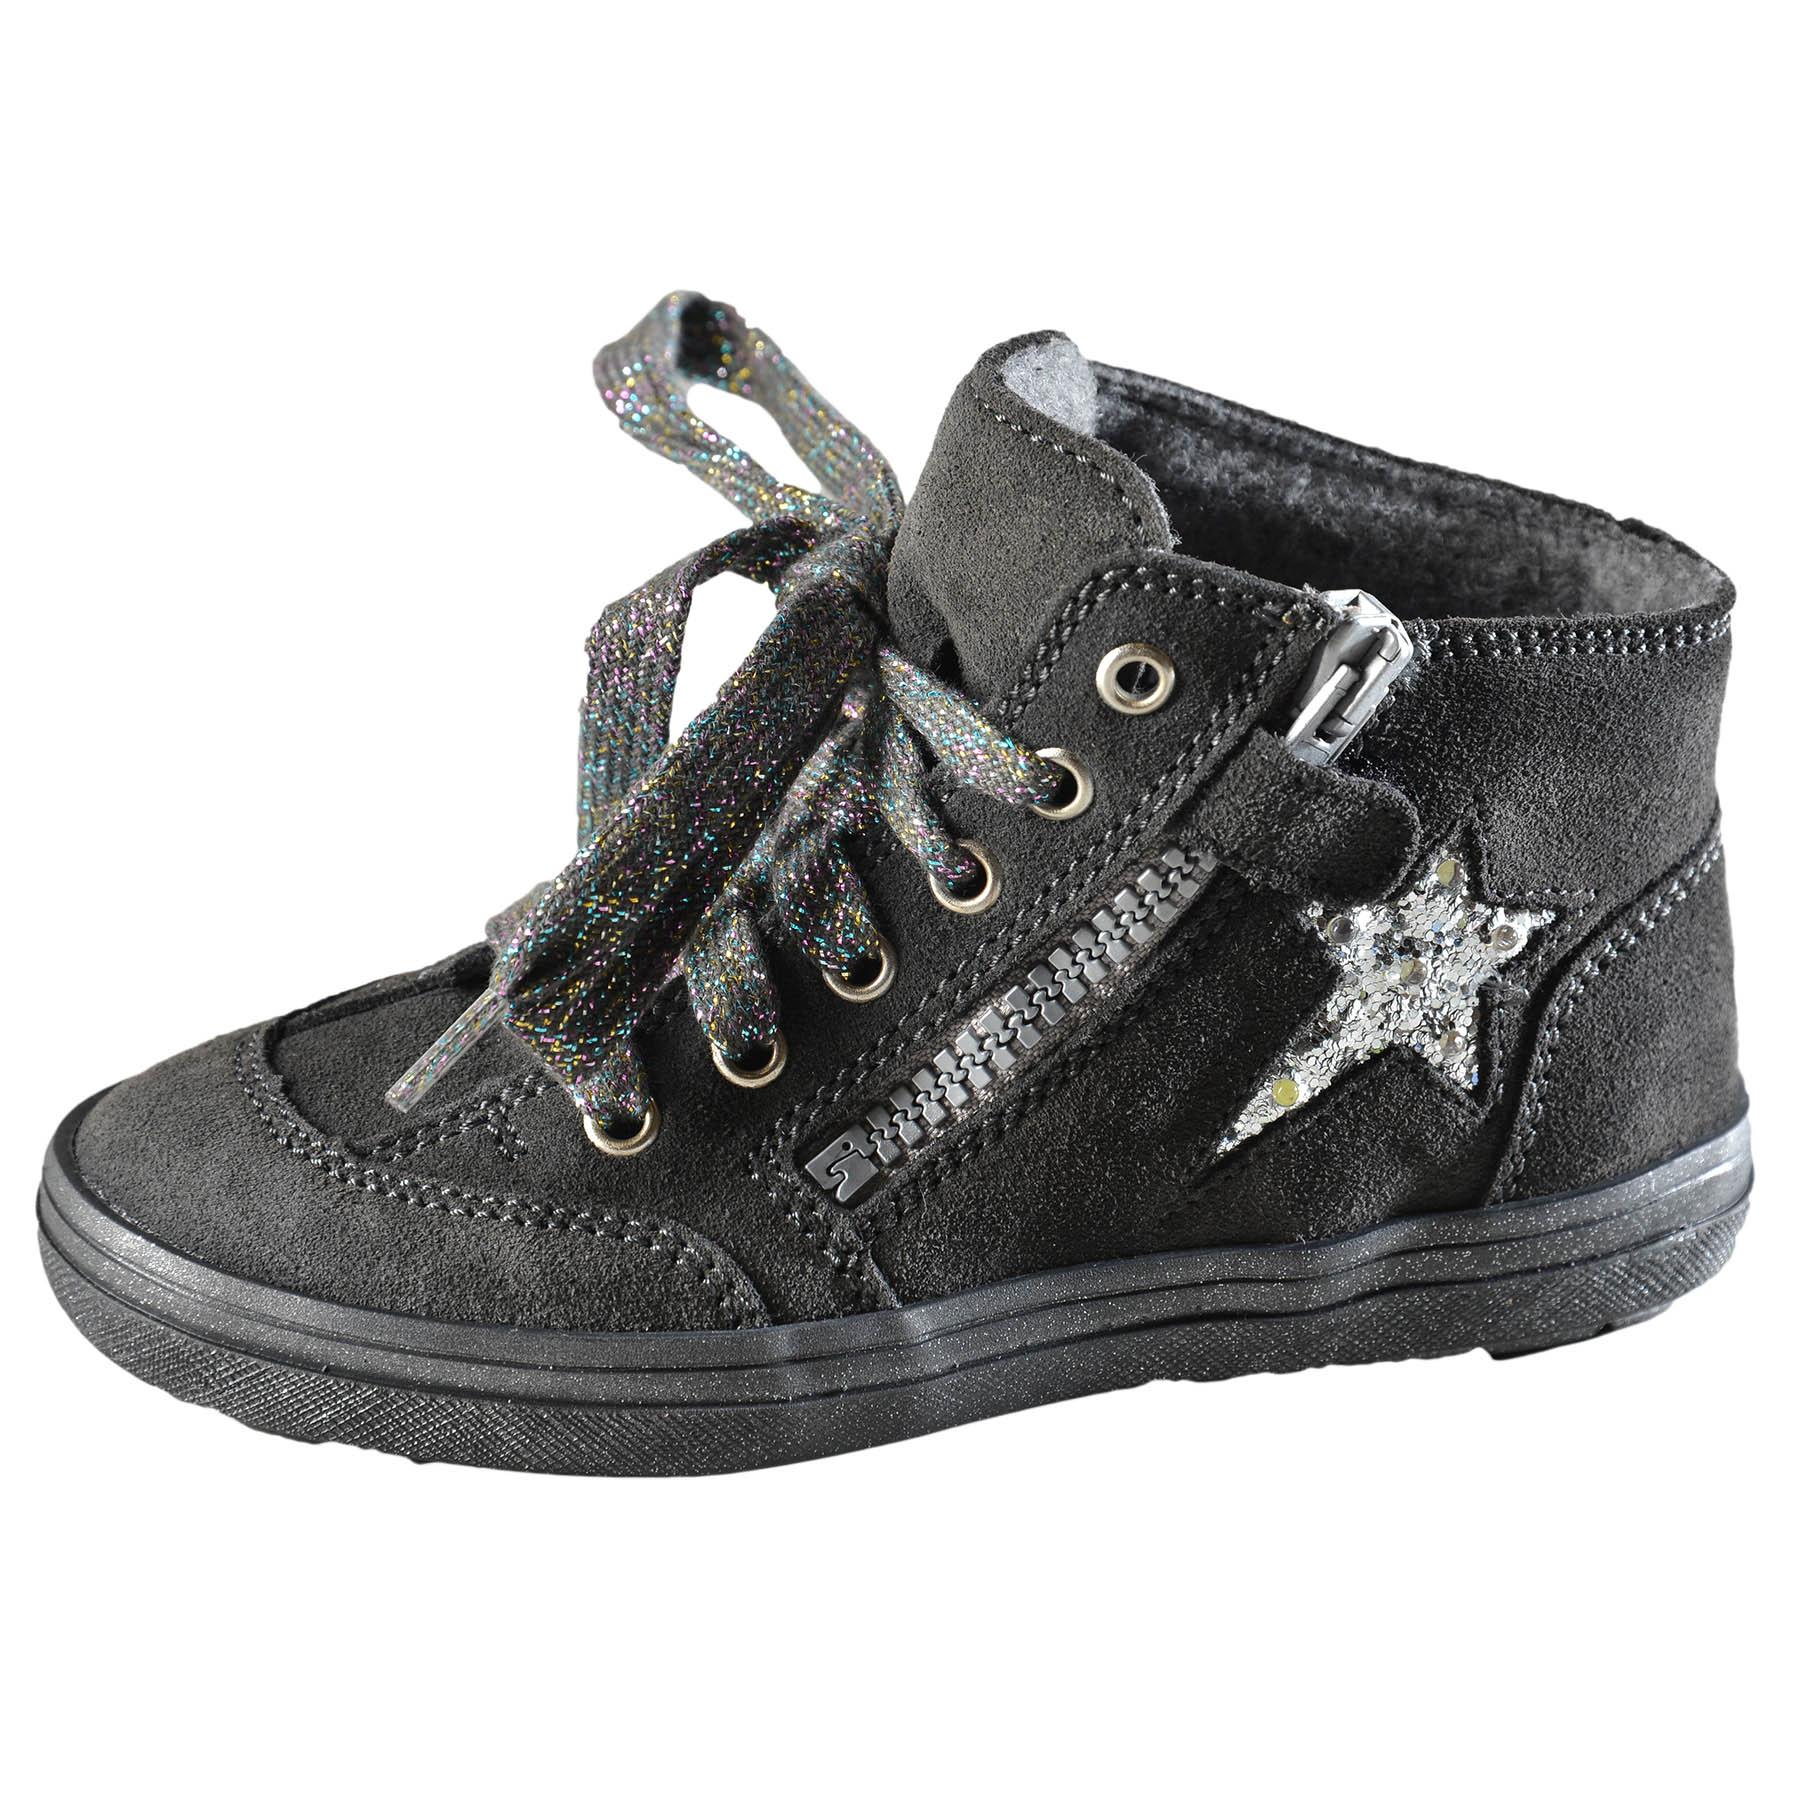 5c84f1b57e6da Dievčenské blikajúce topánky Richter - 4441-6501 | Lollipopkids.sk